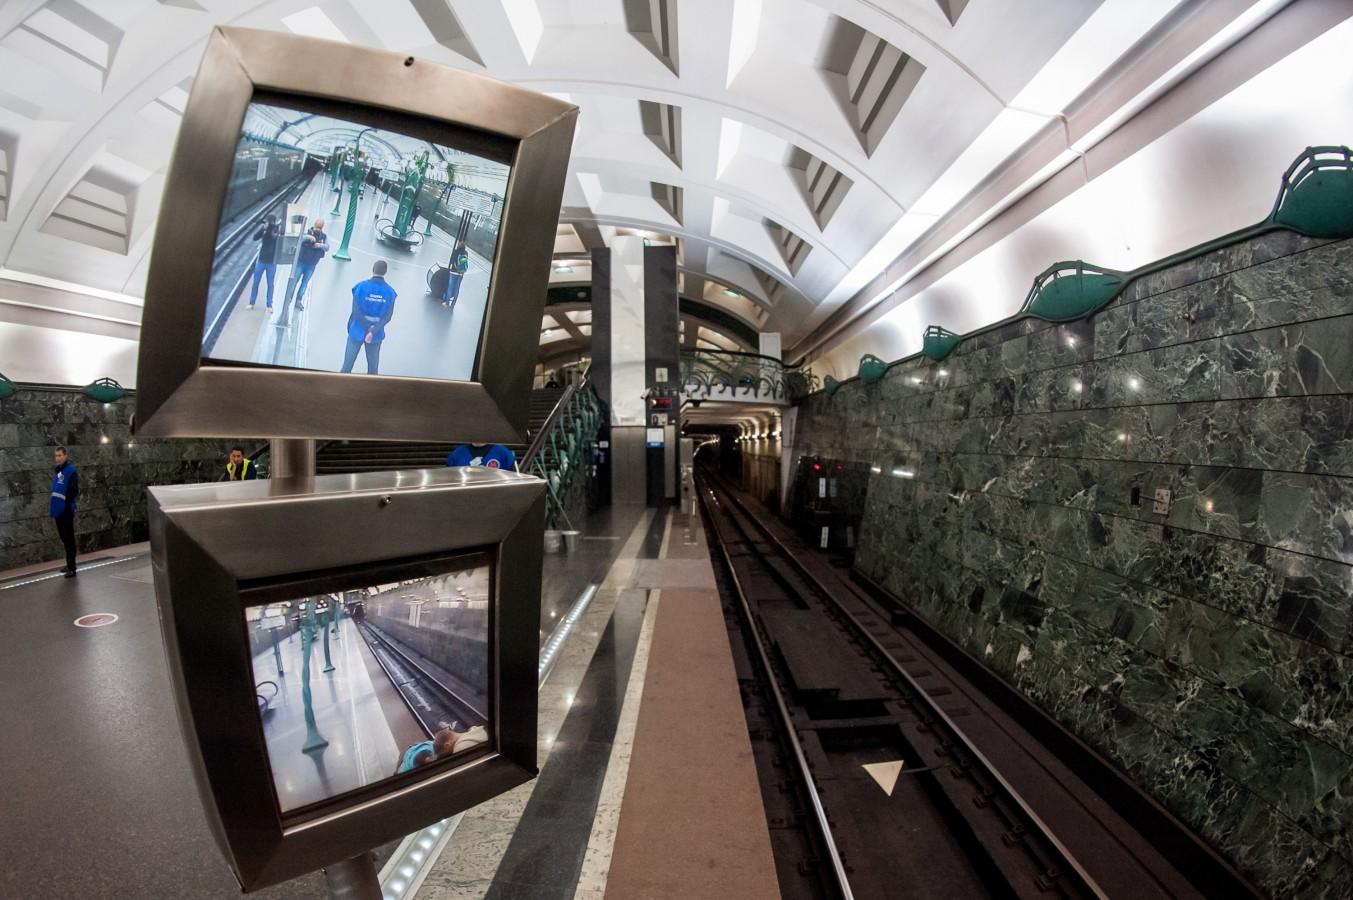 Камеры с распознаванием лиц в метрополитене Москвы будут установлены к сентябрю 2020